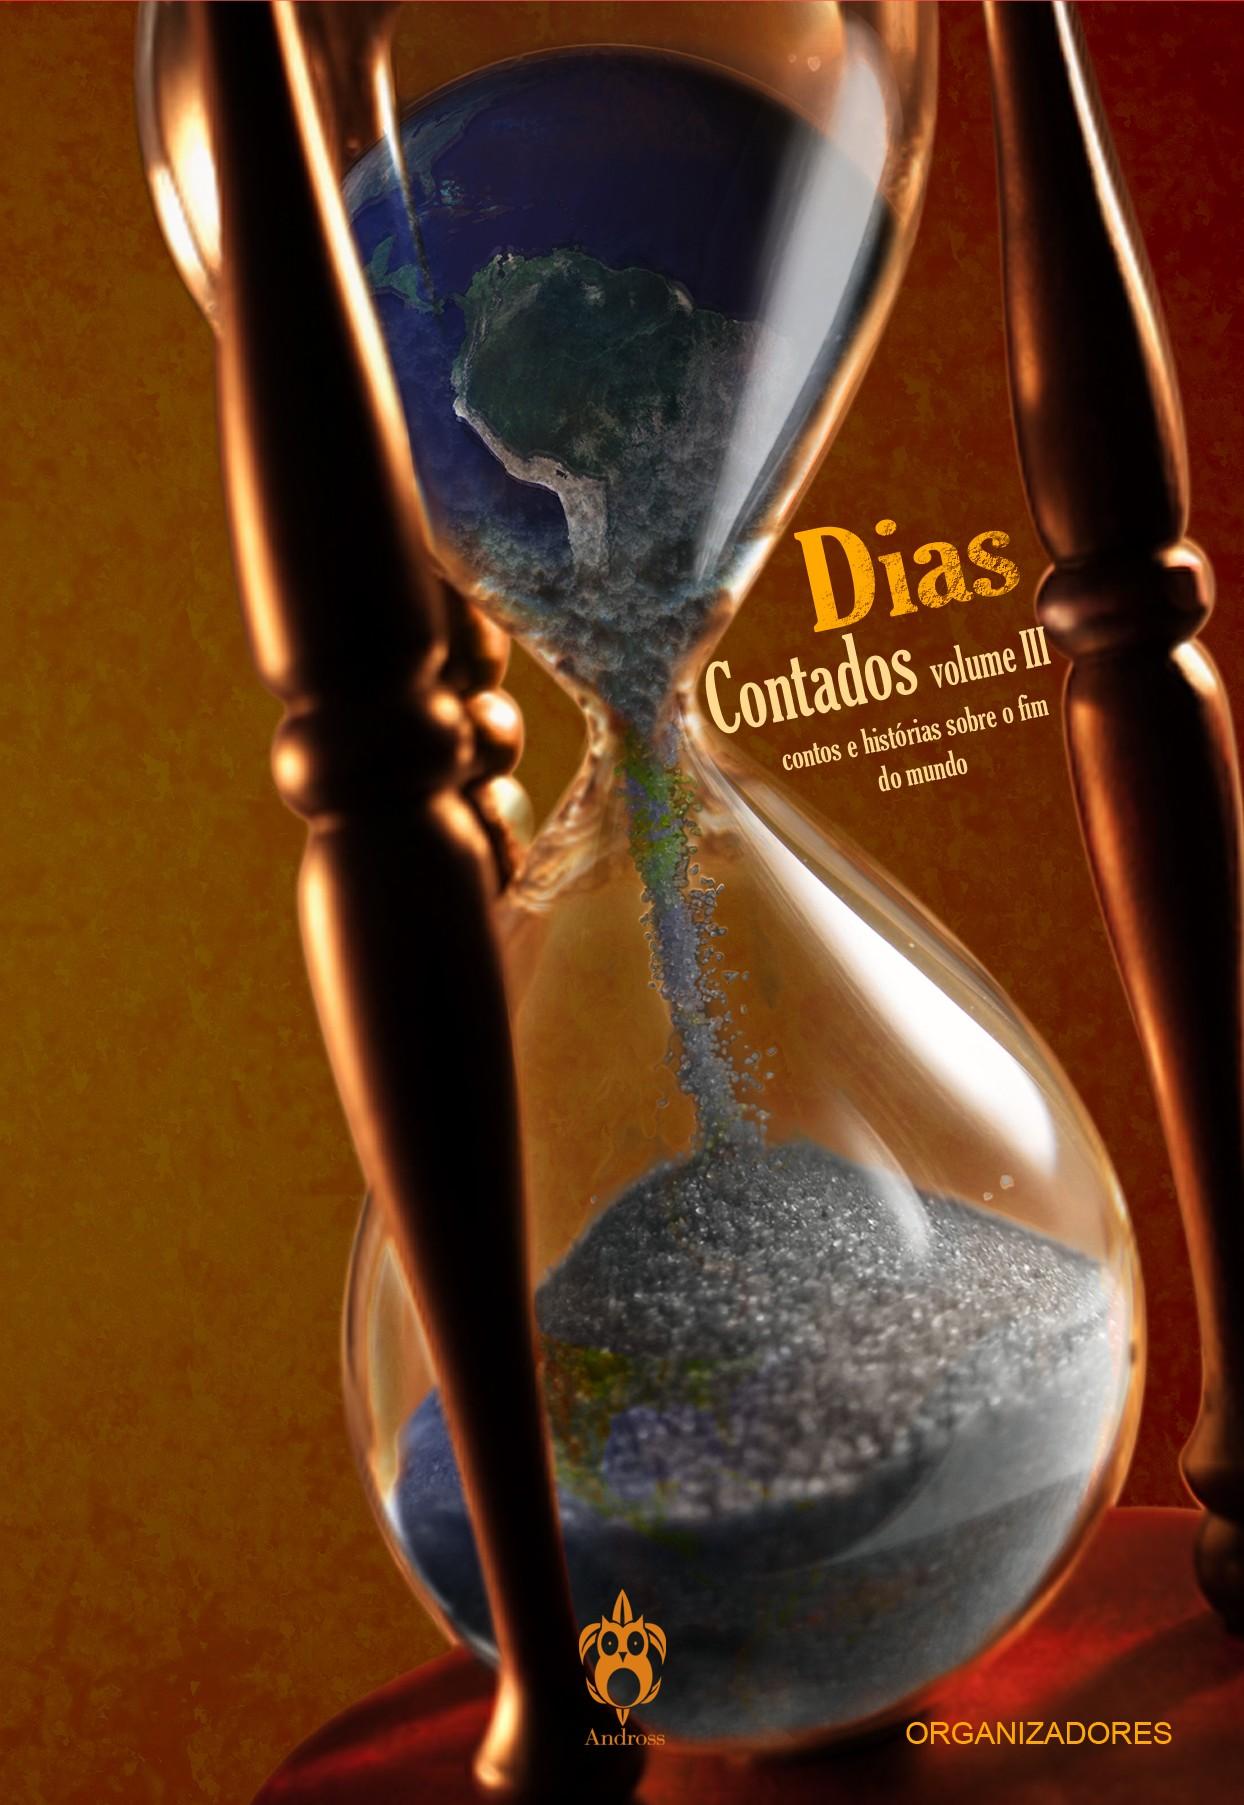 Dias Contados Vol.3 - Contos sobre o fim do mundo